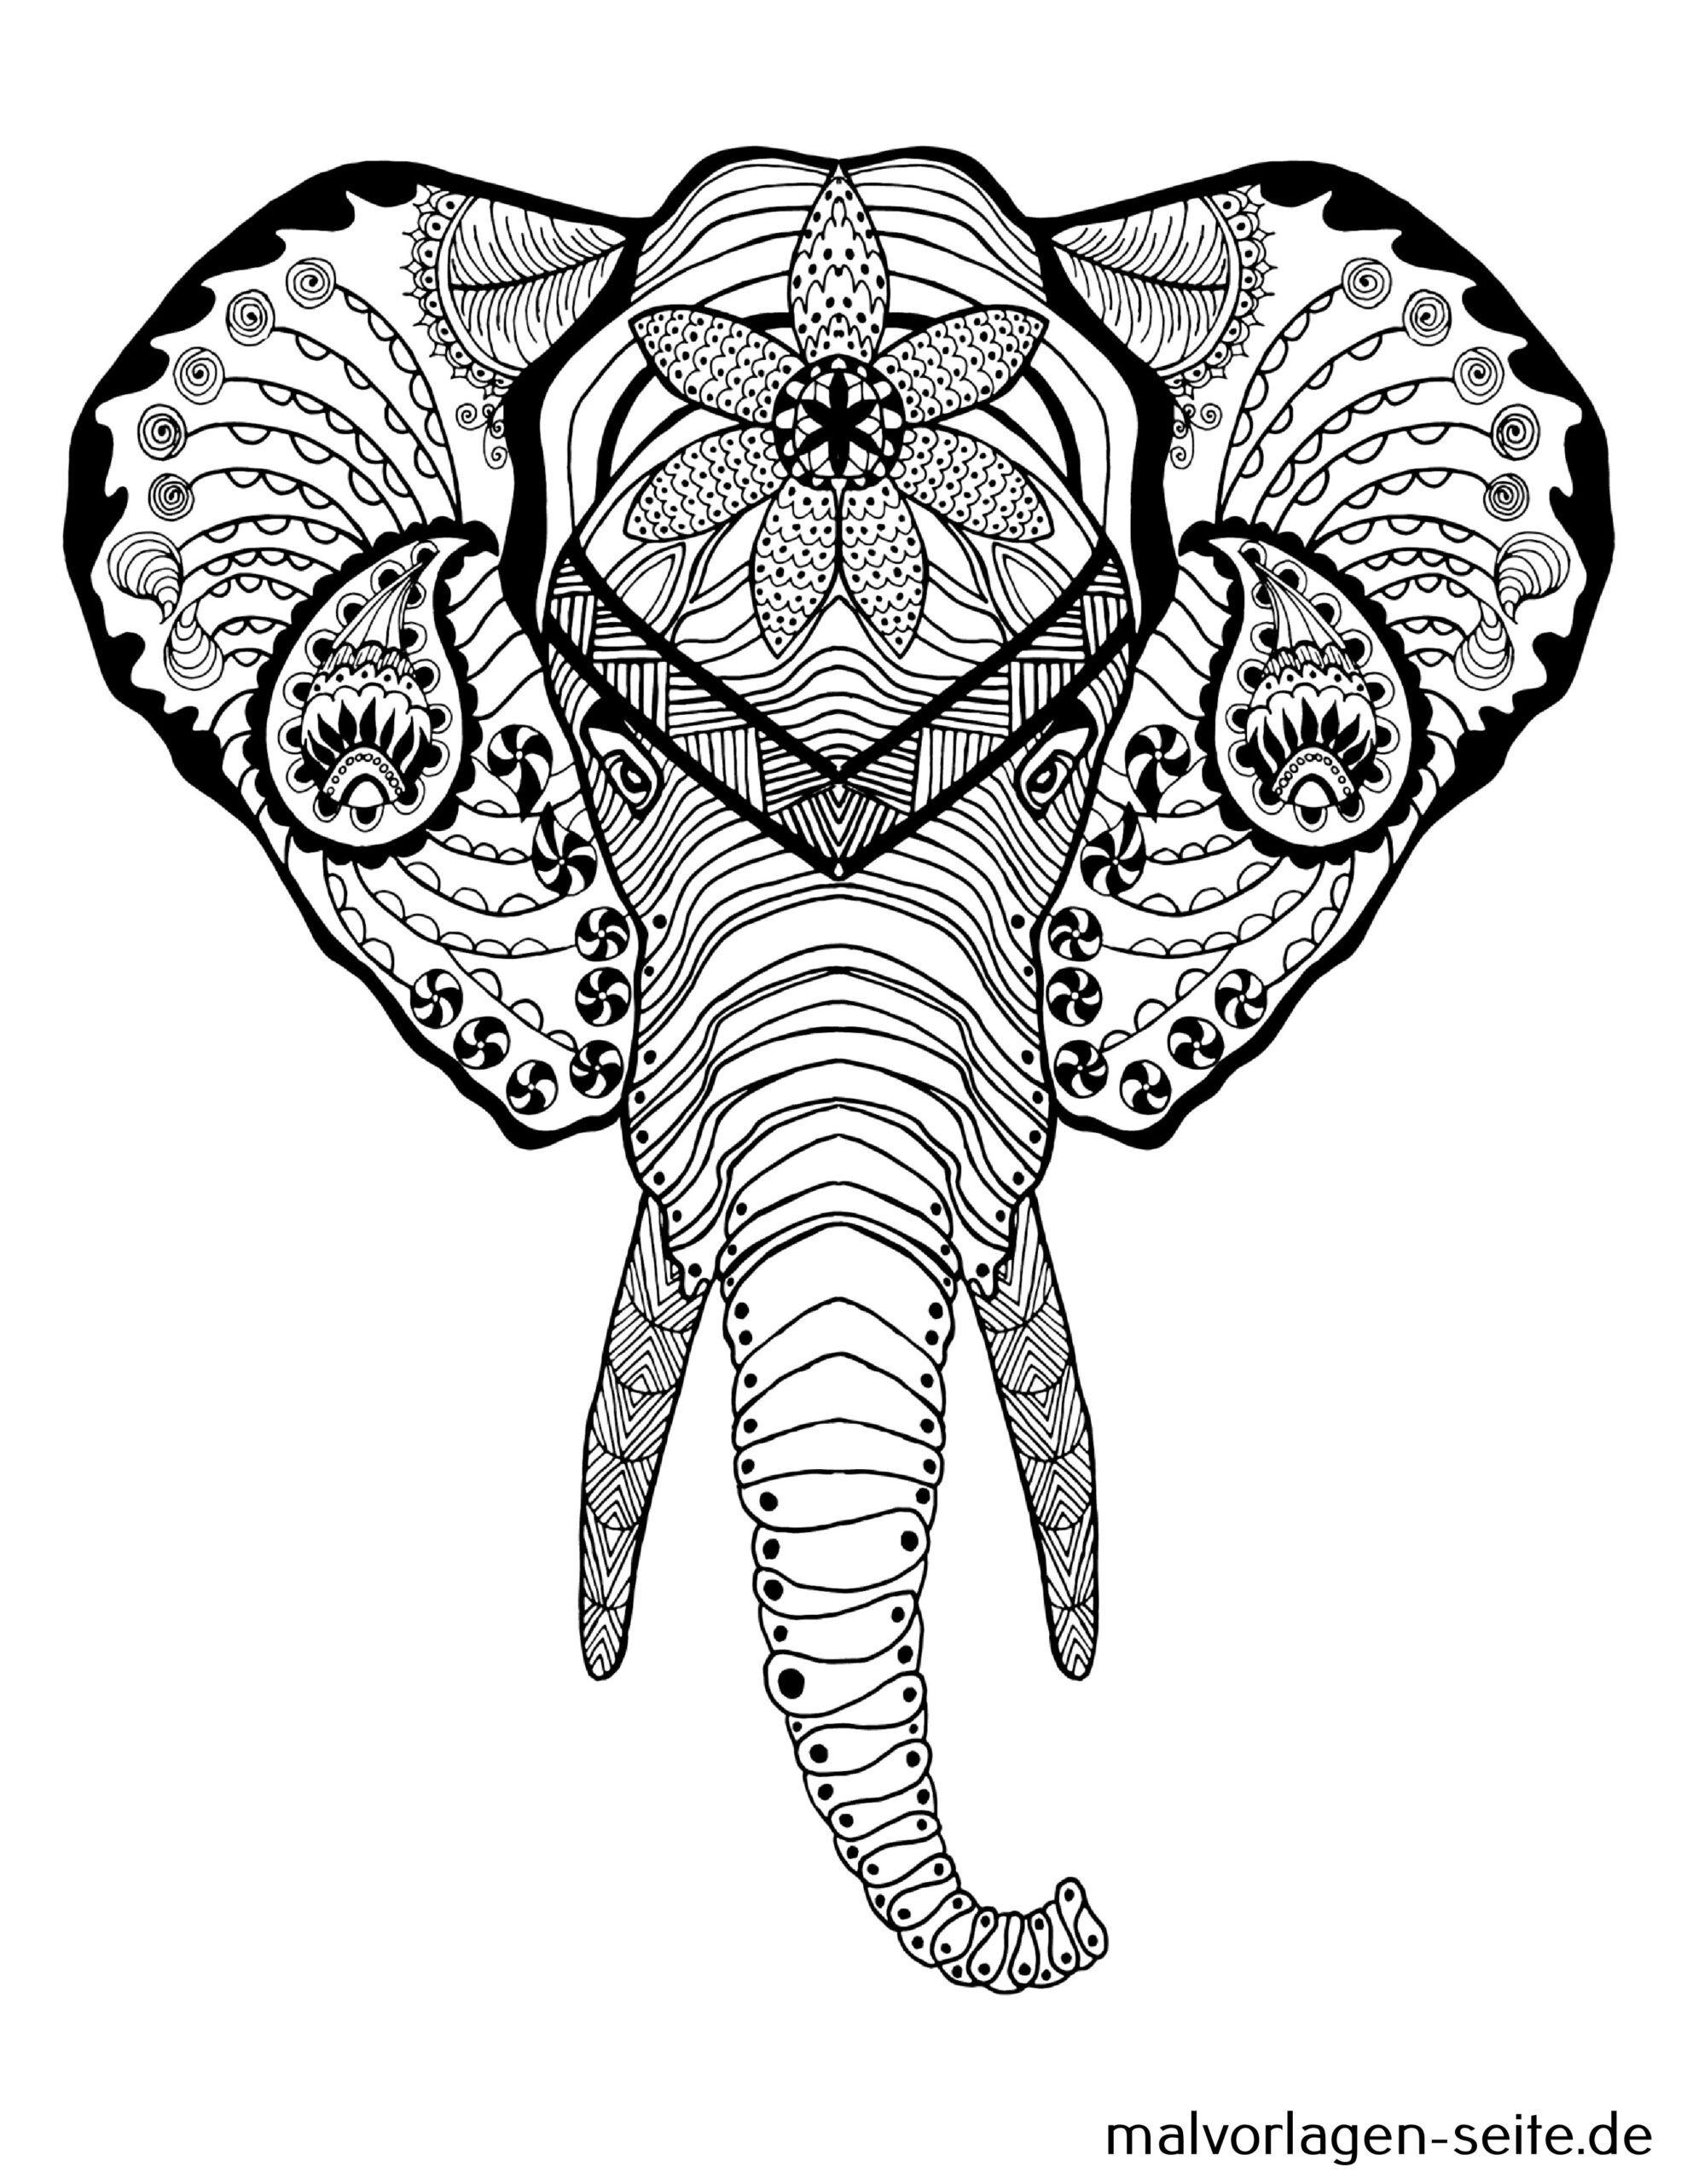 Tolle Mandala Für Erwachsene - Elefant - Kostenlose Ausmalbilder